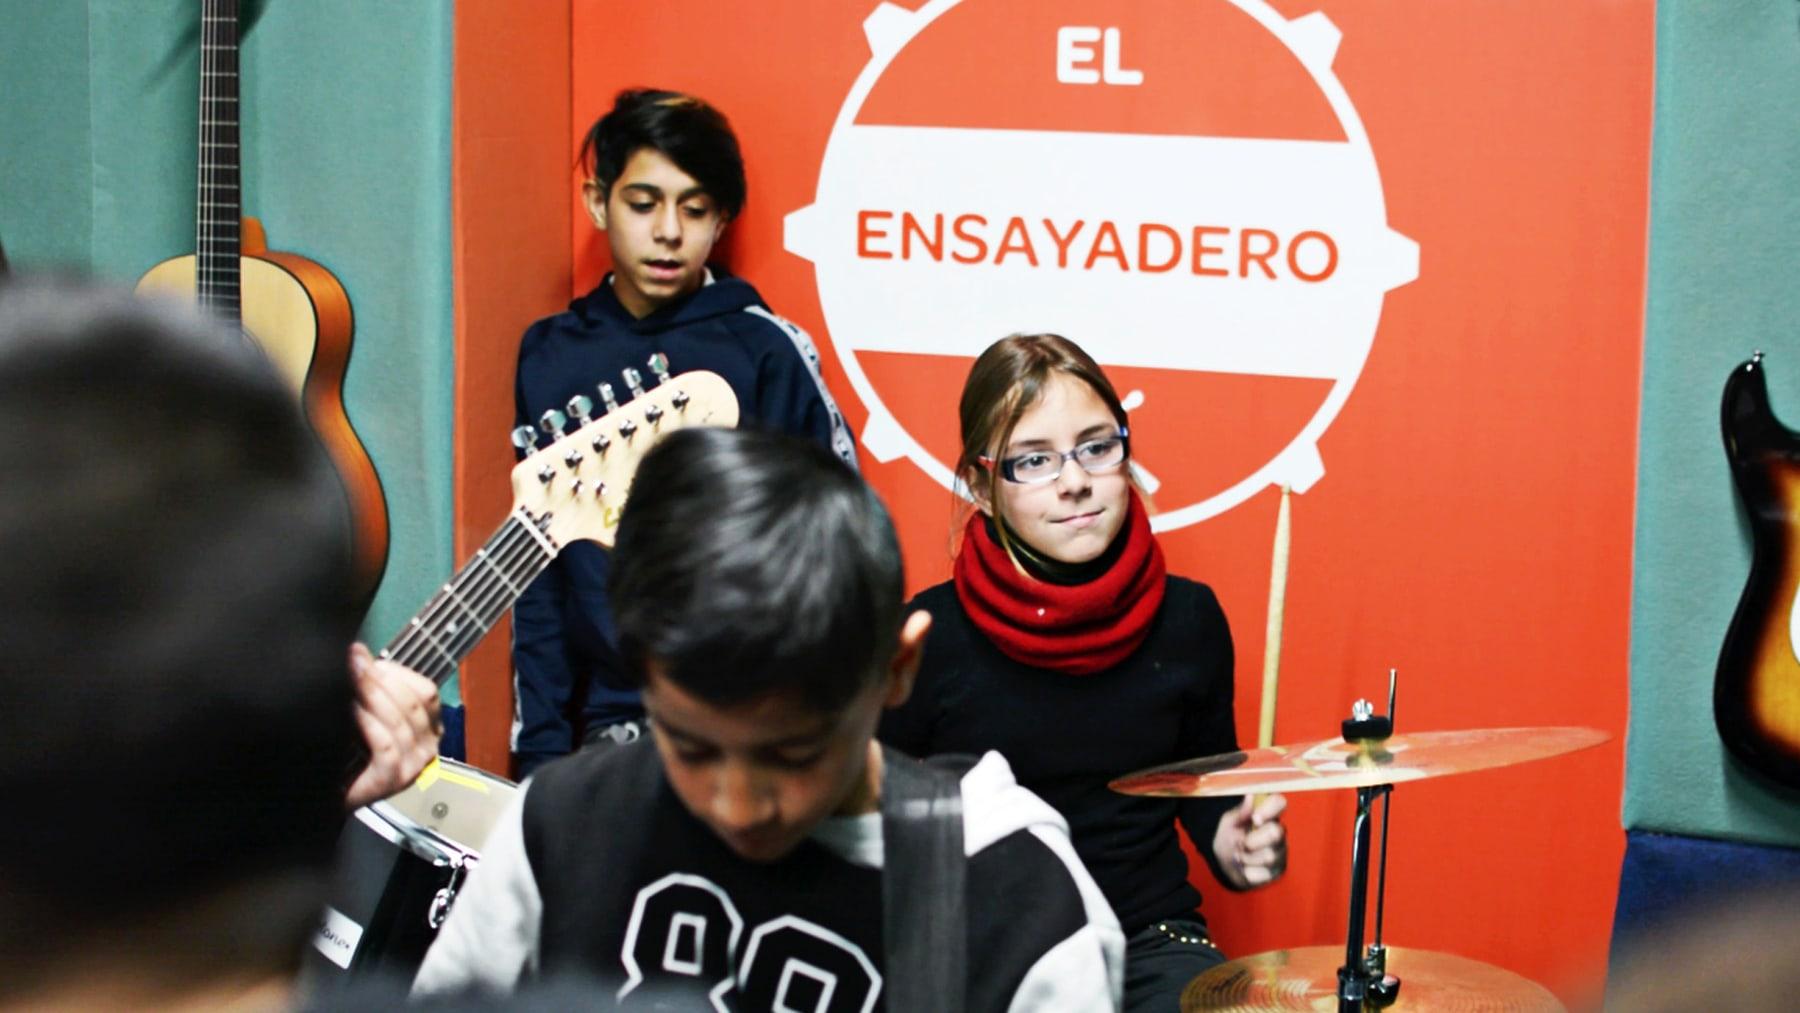 2BOLD_Closing_El-ensayadero